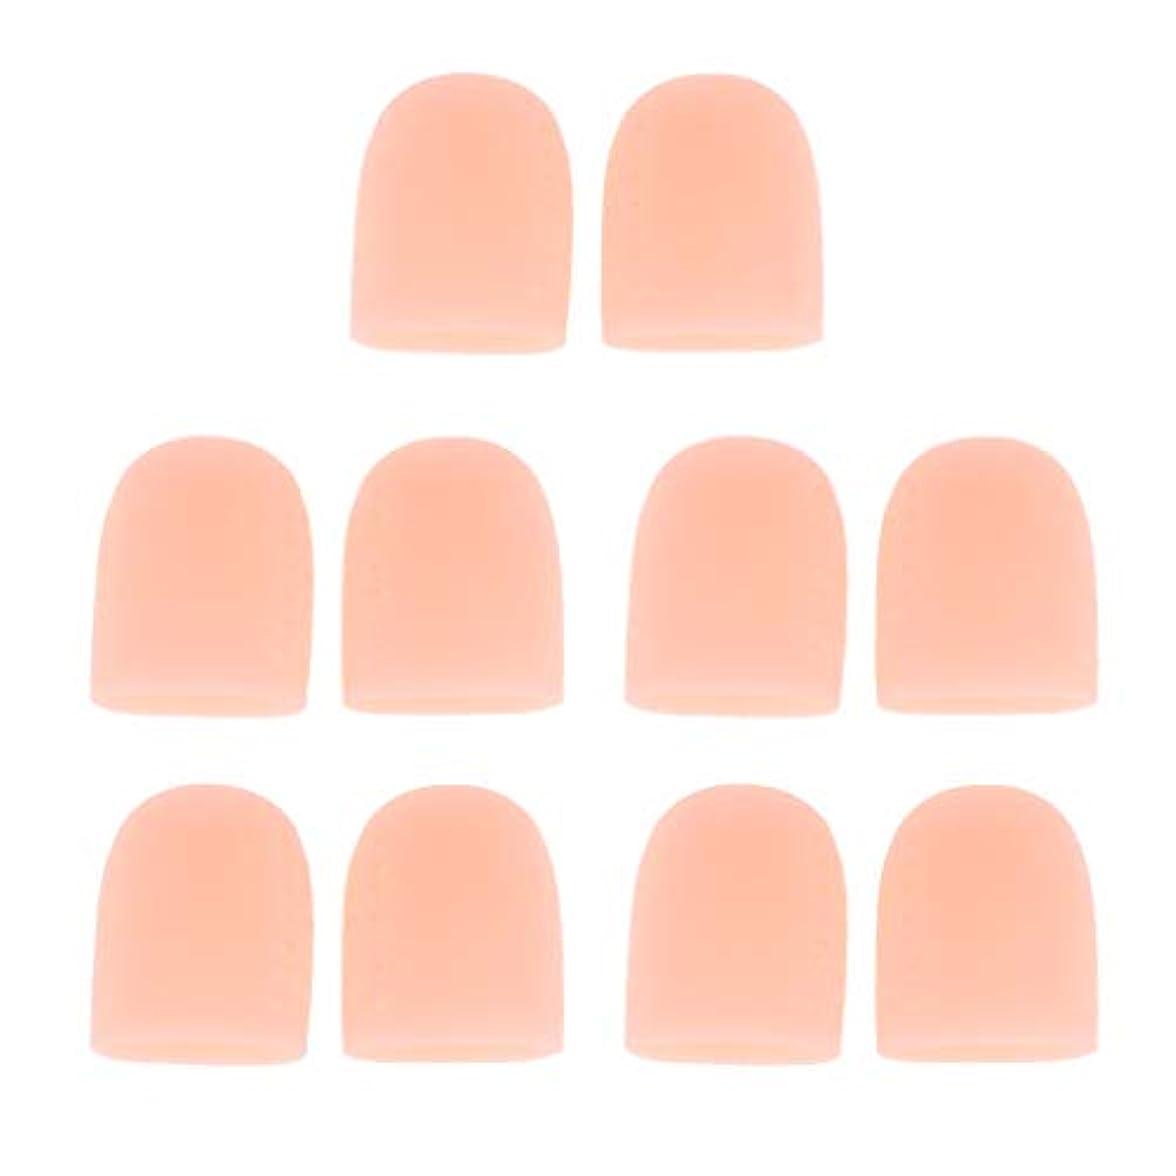 マッシュ密度複雑でない10個 つま先保護カバー 足指保護パッド 保護キャップ 爪先 指先保護 プロテクター 2色選べ - 肌